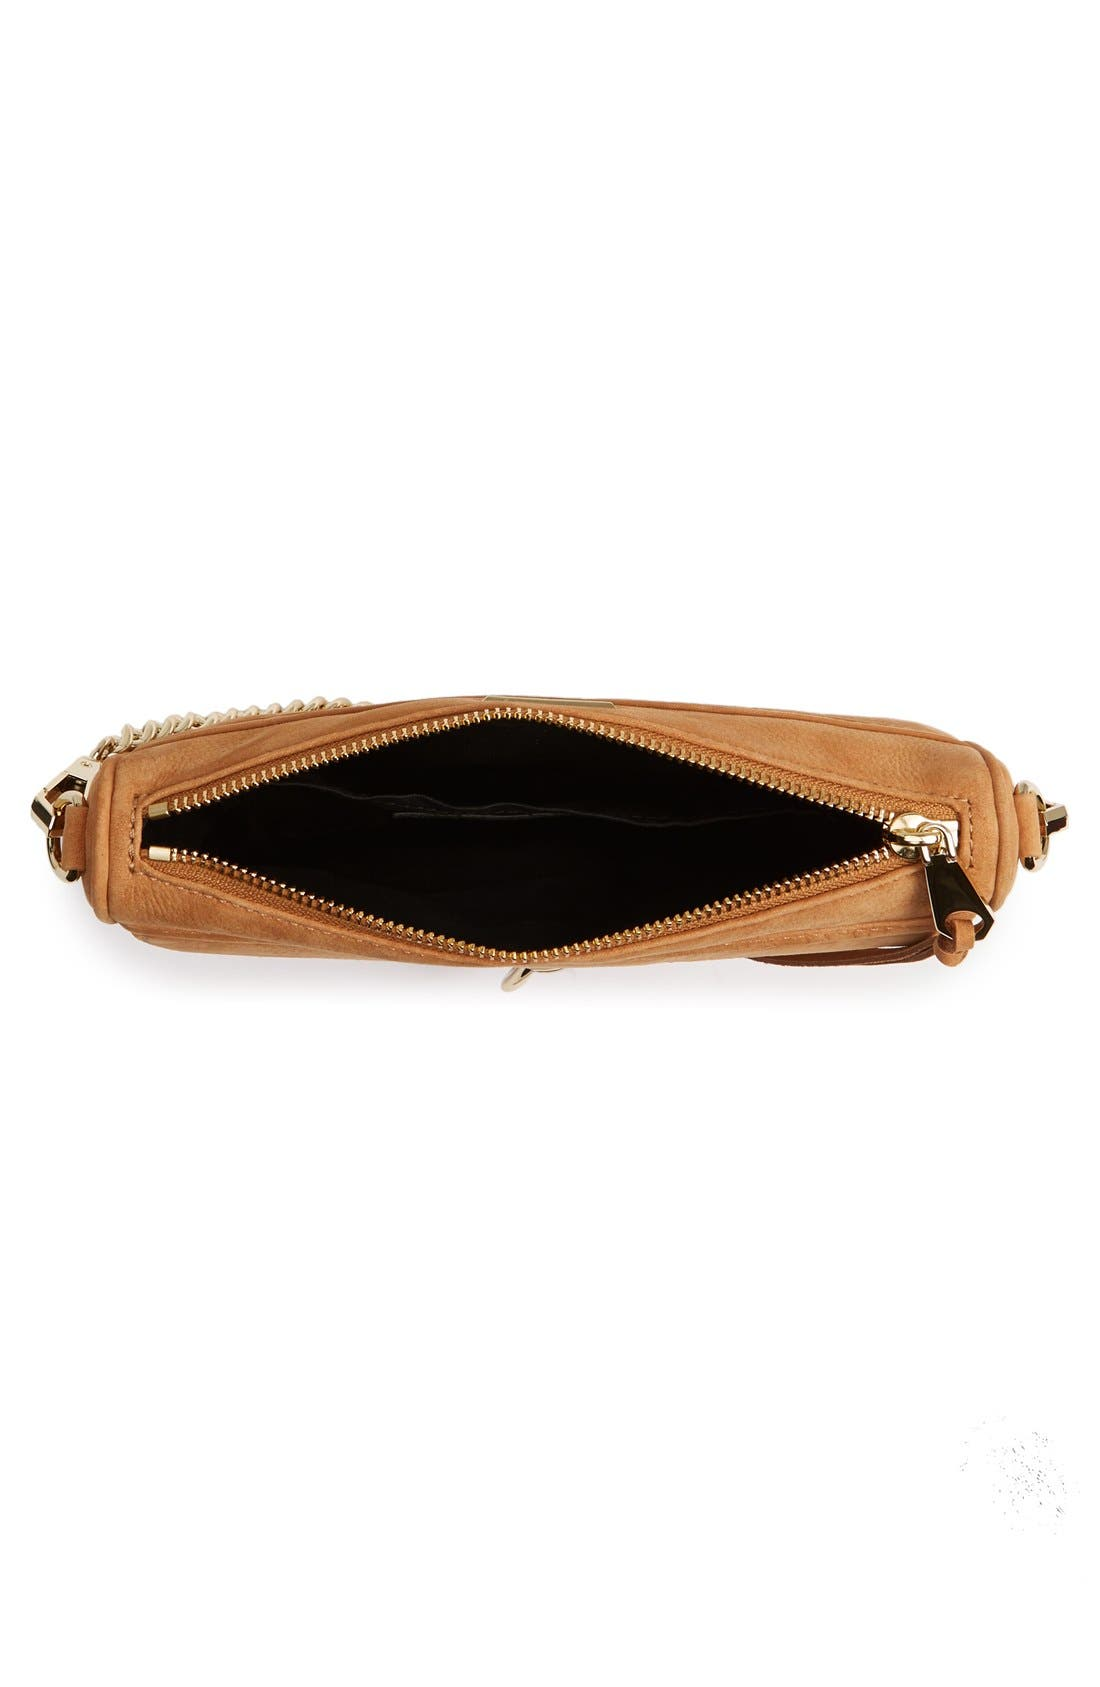 Mini MAC Convertible Crossbody Bag,                             Alternate thumbnail 4, color,                             230